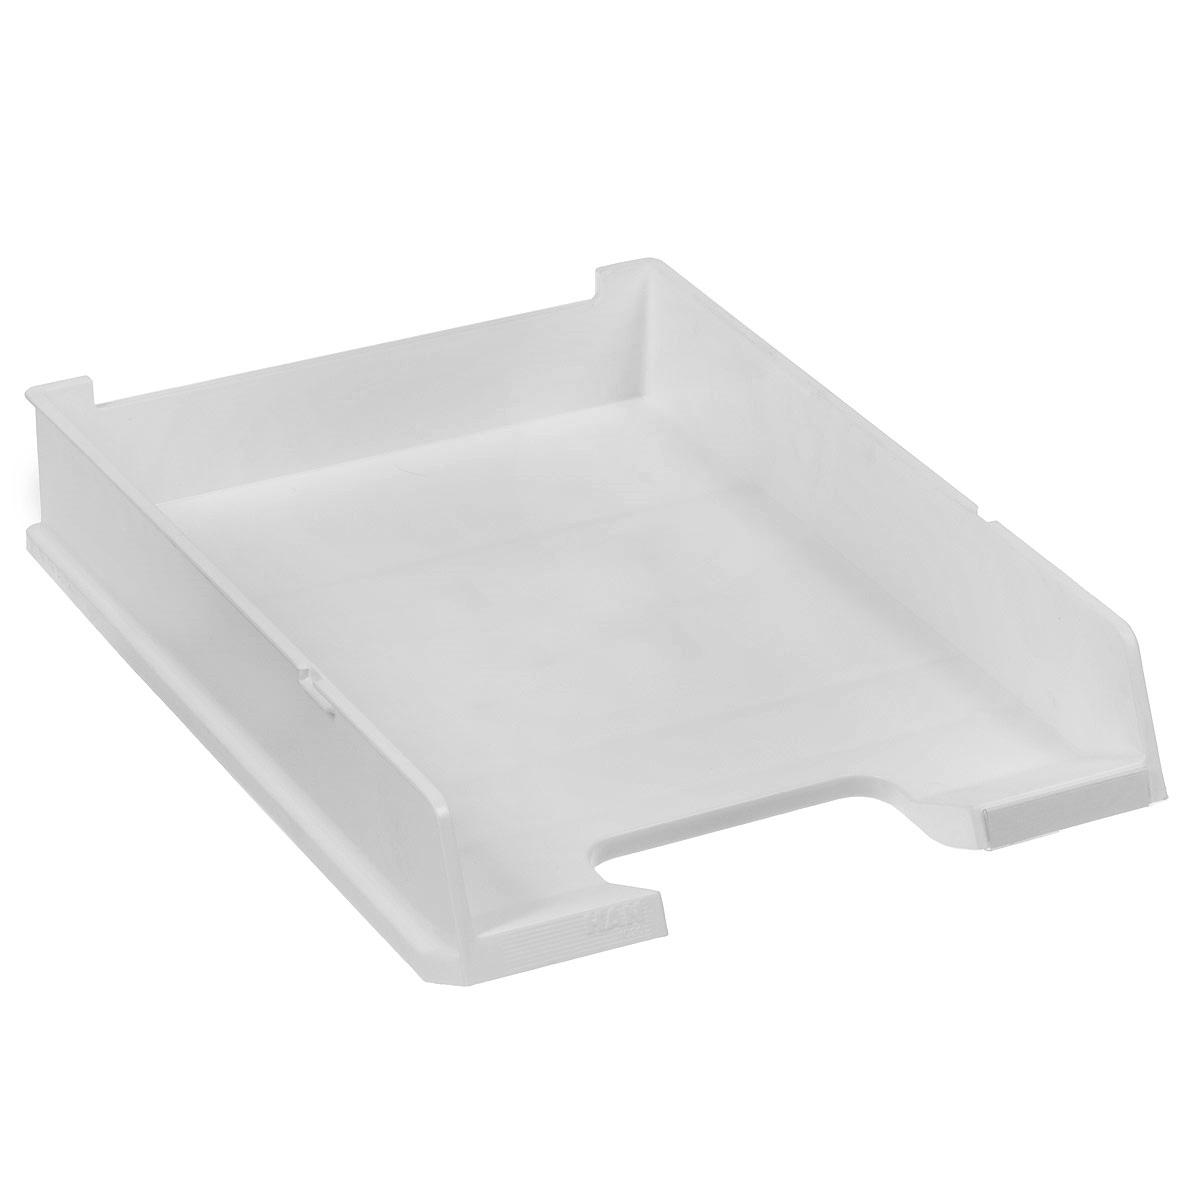 Лоток для бумаг горизонтальный HAN C4, цвет: светло-серый353.FГоризонтальный лоток для бумаг HAN C4 предназначен для хранения бумаг и документов формата А4. Лоток с оригинальным дизайном корпуса поможет вам навести порядок на столе и сэкономить пространство.Лоток изготовлен из экологически чистого непрозрачного антистатического пластика. Приподнятая фронтальная часть лотка облегчает изъятие документов из накопителя. Лоток имеет пластиковые ножки, предотвращающие скольжение по столу. Также лоток оснащен небольшим прозрачным окошком для этикетки. Лоток для бумаг станет незаменимым помощником для работы с бумагами дома или в офисе, а его стильный дизайн впишется в любой интерьер. Благодаря лотку для бумаг, важные бумаги и документы всегда будут под рукой.Несколько лотков можно ставить друг на друга, один в другой и друг на друга со смещением.